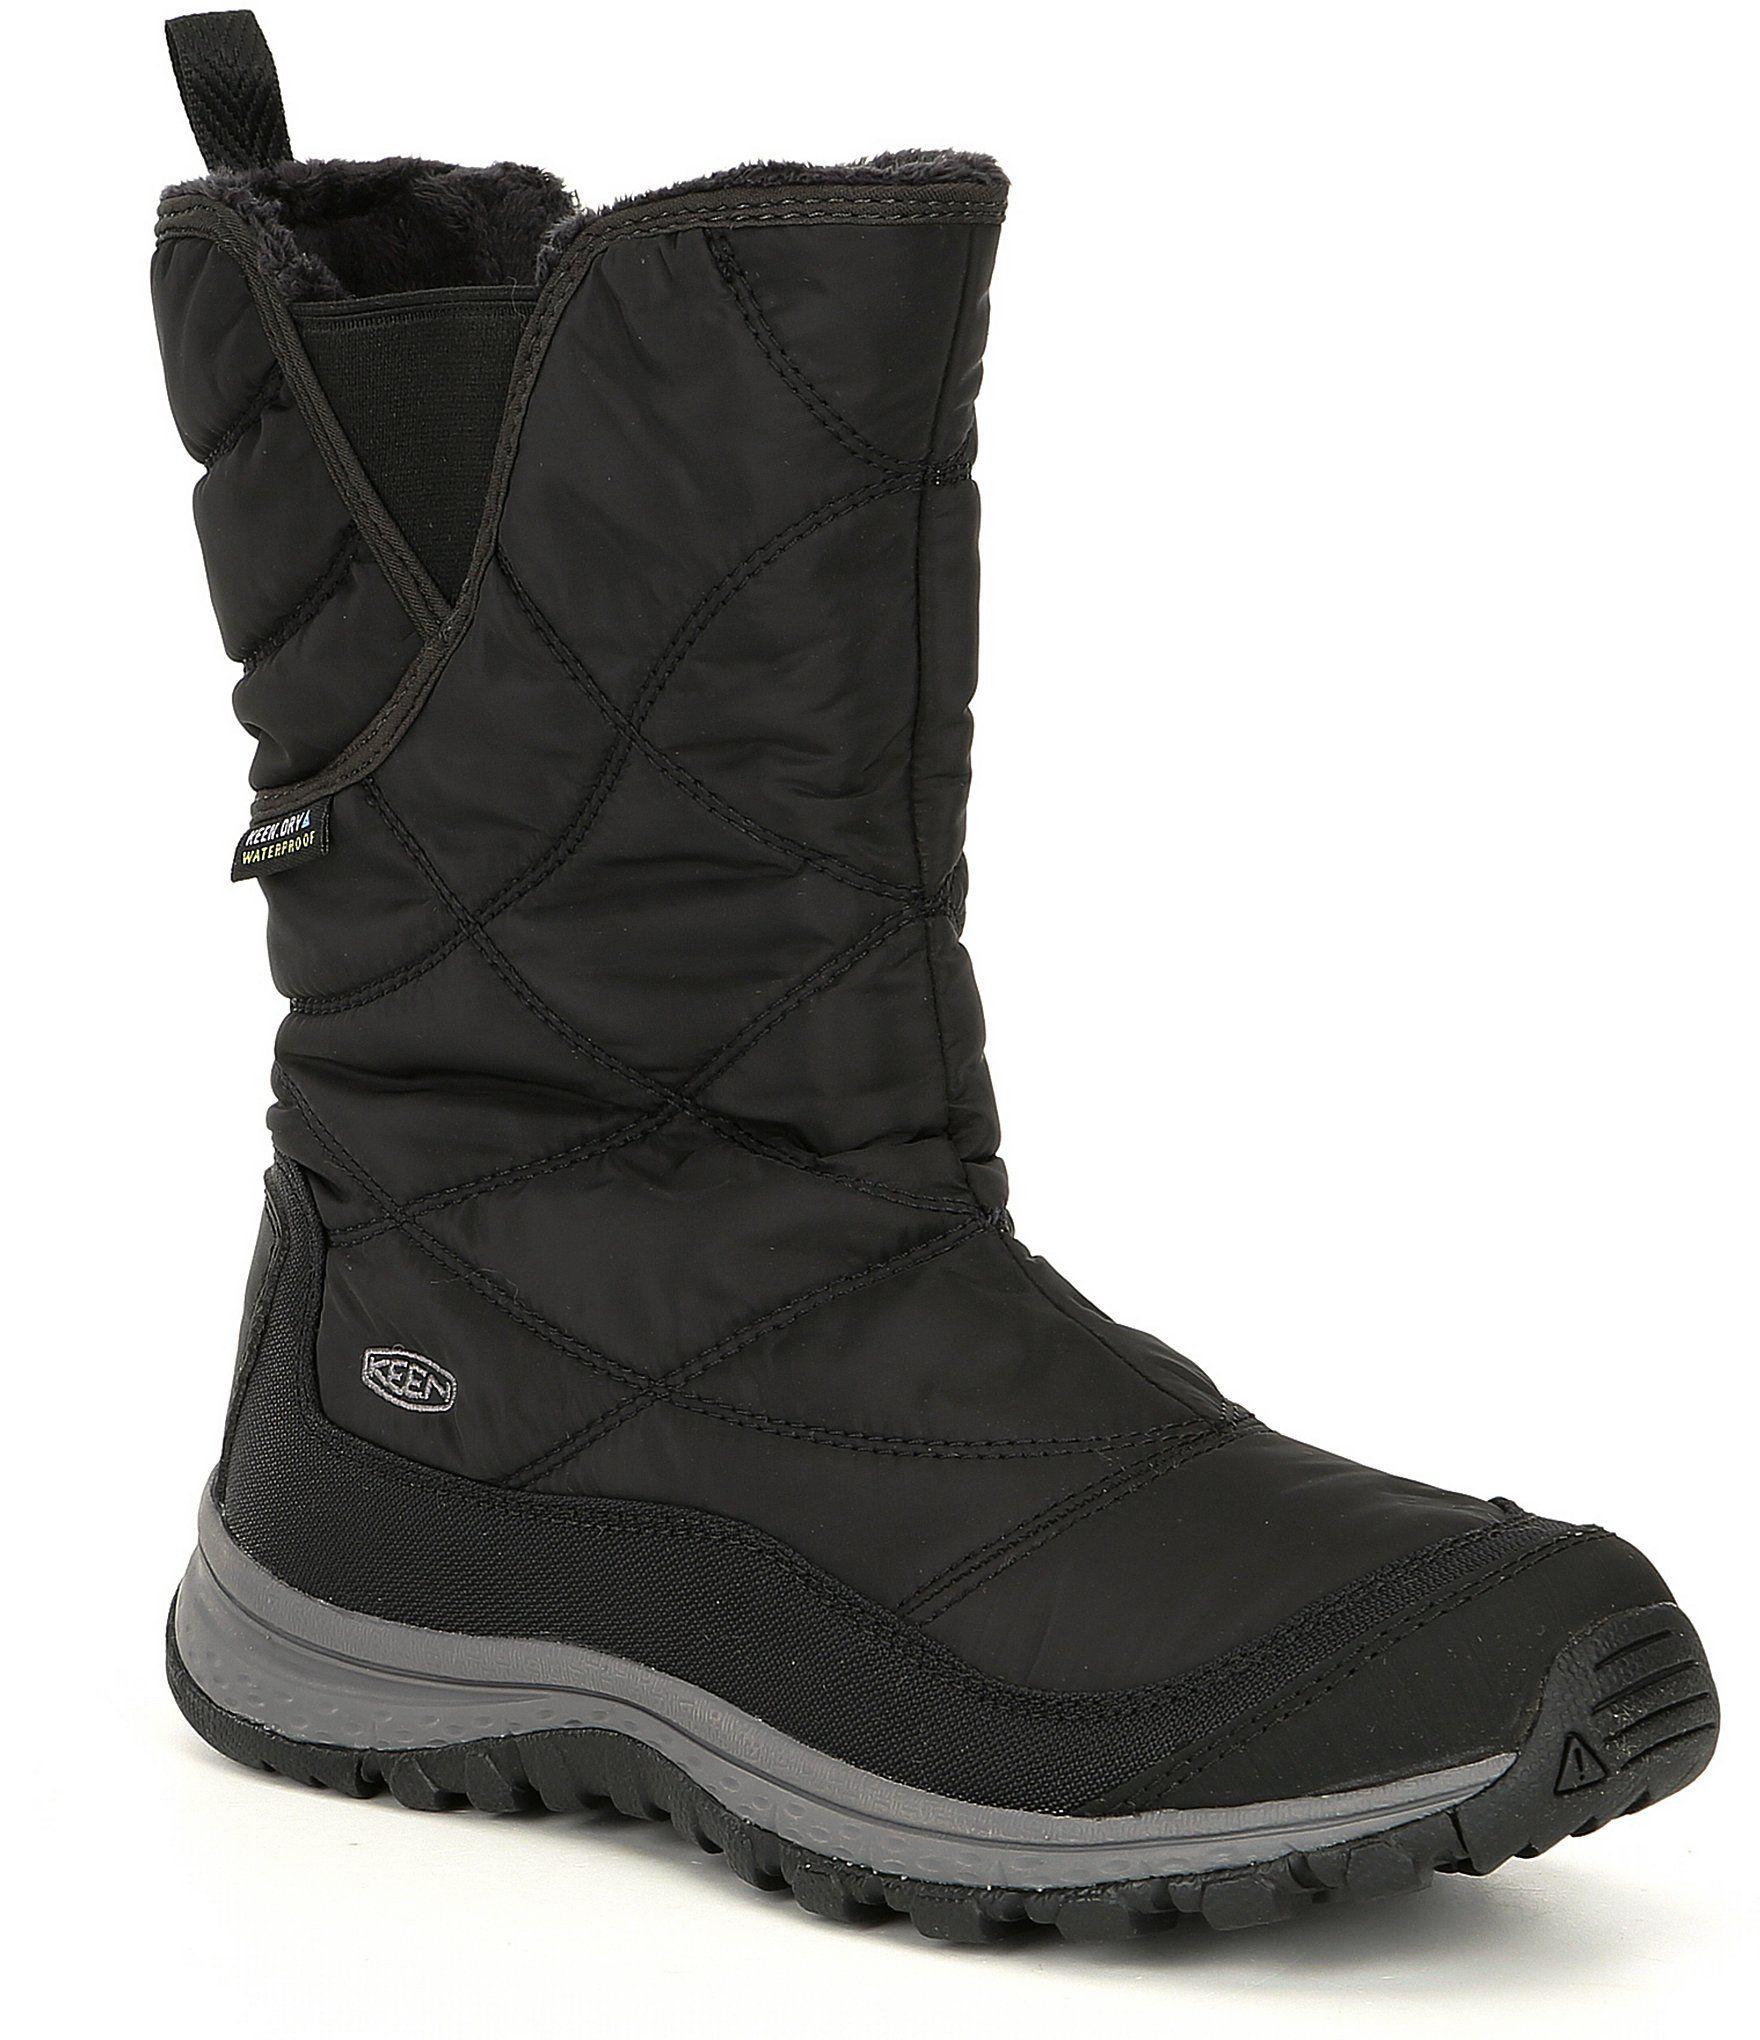 Keen Women's Terradora Winter Pull-On Waterproof Boots – Black Raven 9.5M